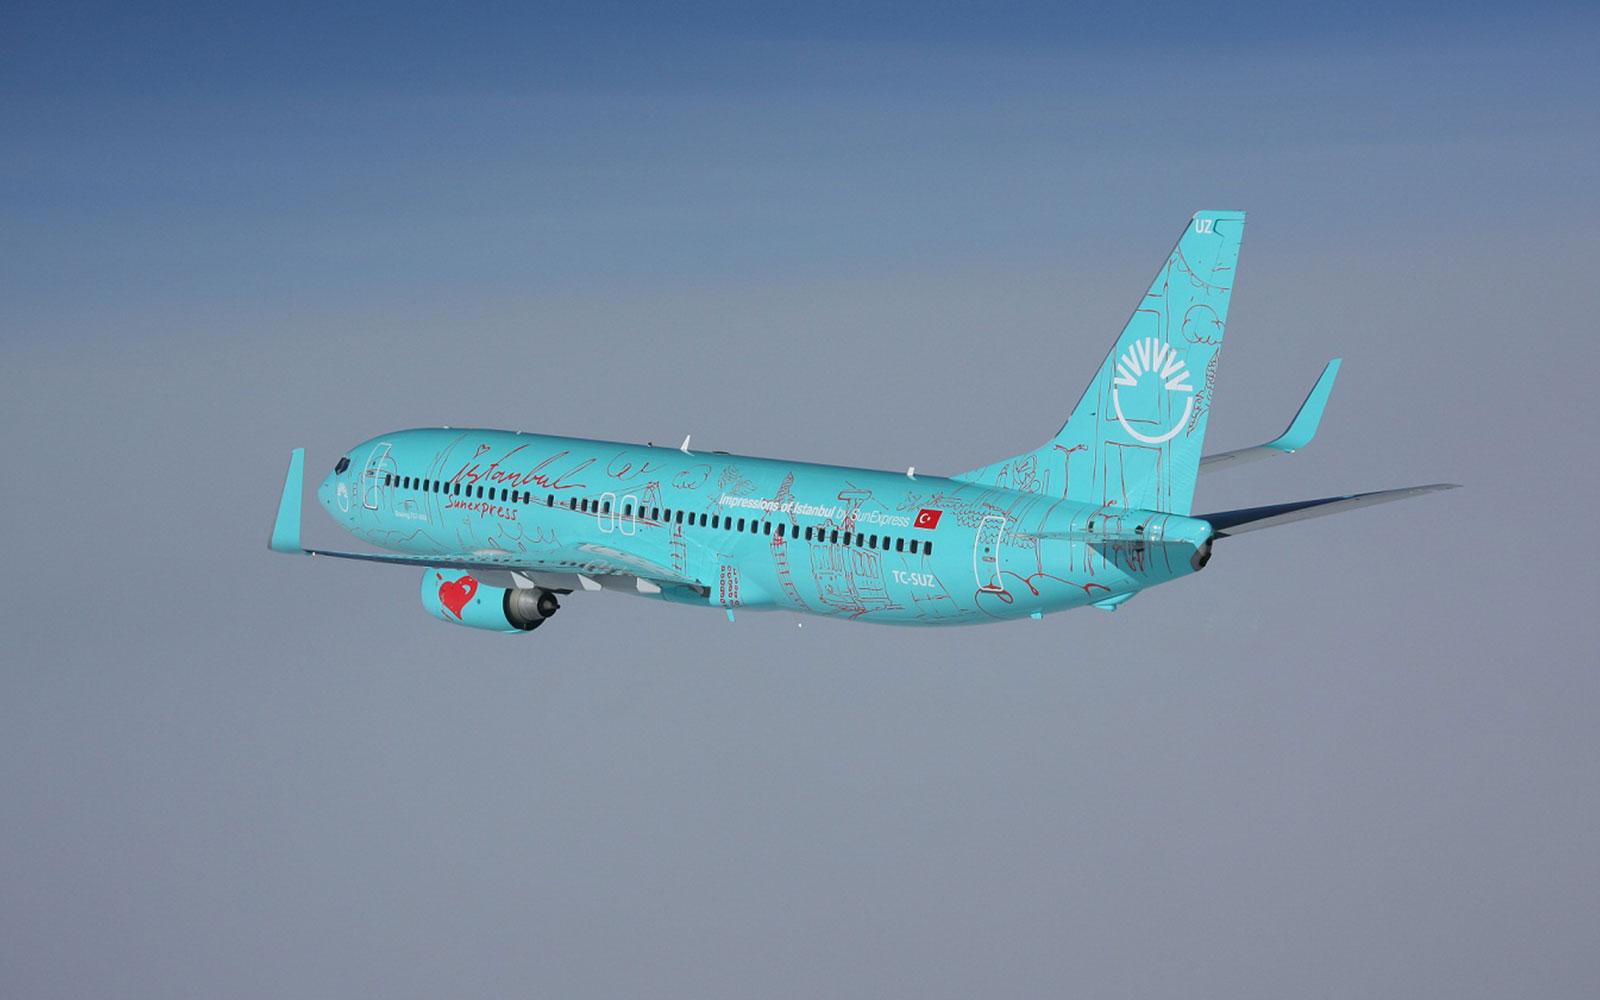 Sunexpress Flug Buchen Und Infos Zur Airline Dortmund